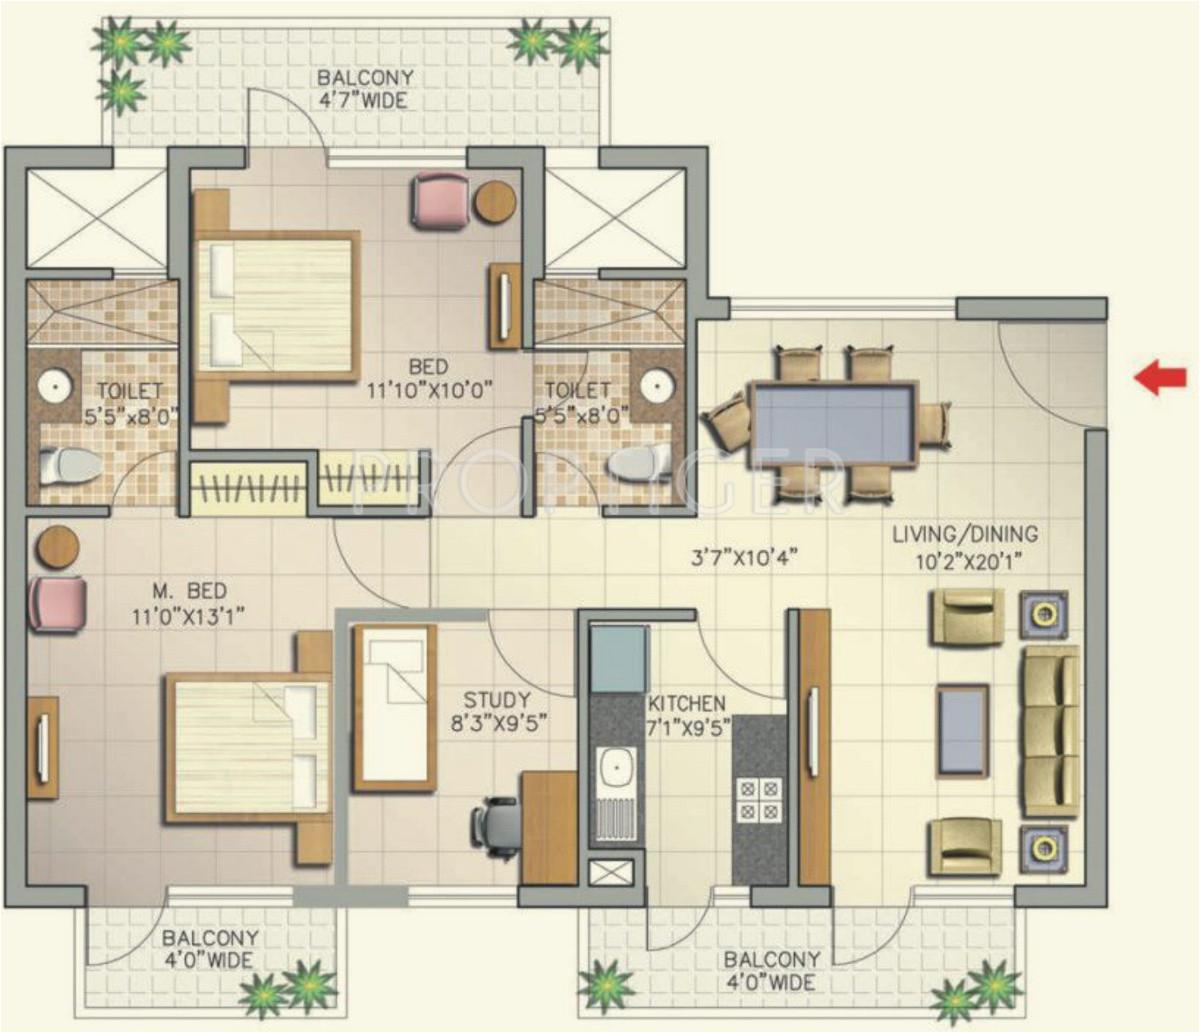 2bhk 2t 1345 sqft apartment